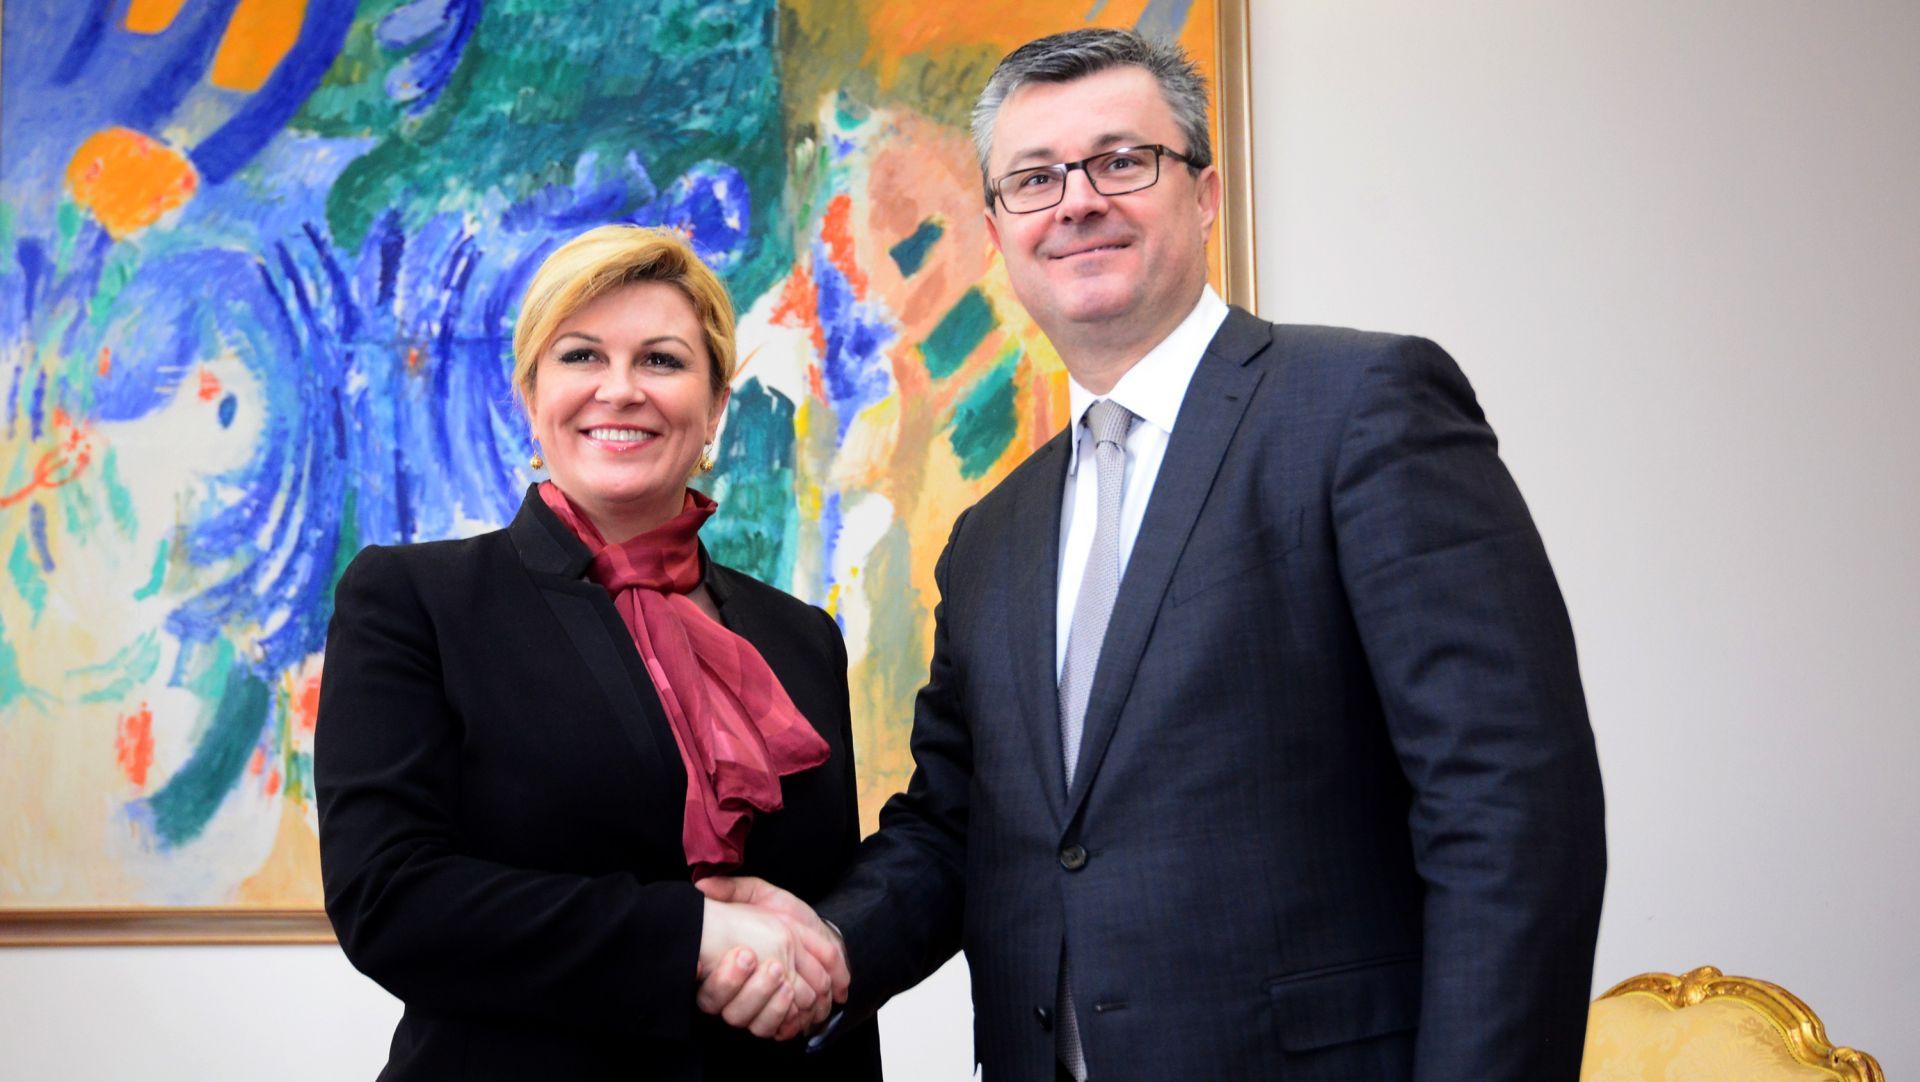 NOVI CROBAROMETAR Grabar Kitarović i Orešković najpopularniji hrvatski političari